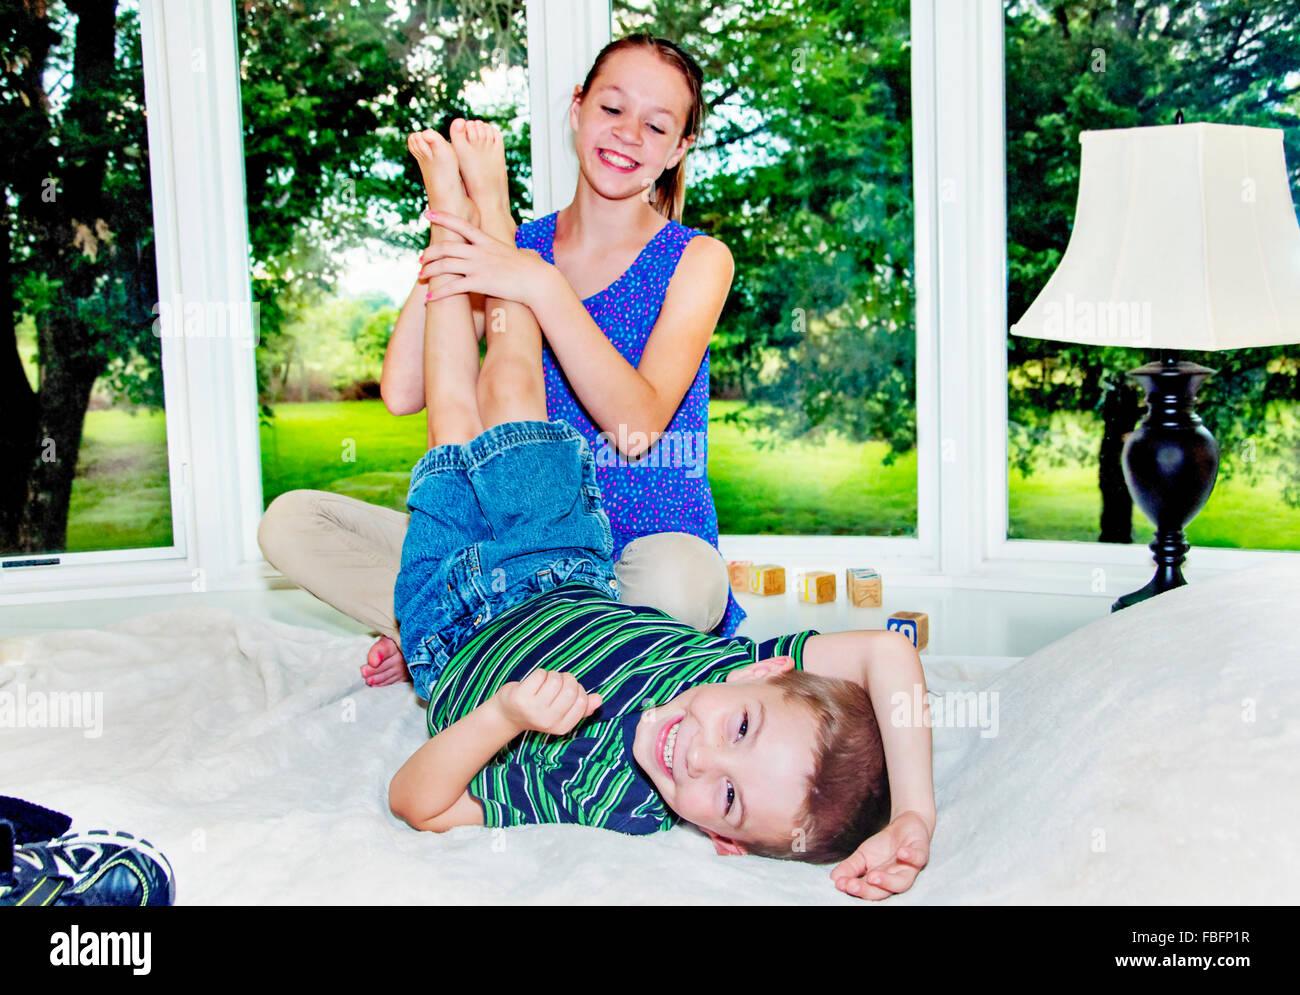 Chica chicos cosquillas en los pies de la cama Imagen De Stock